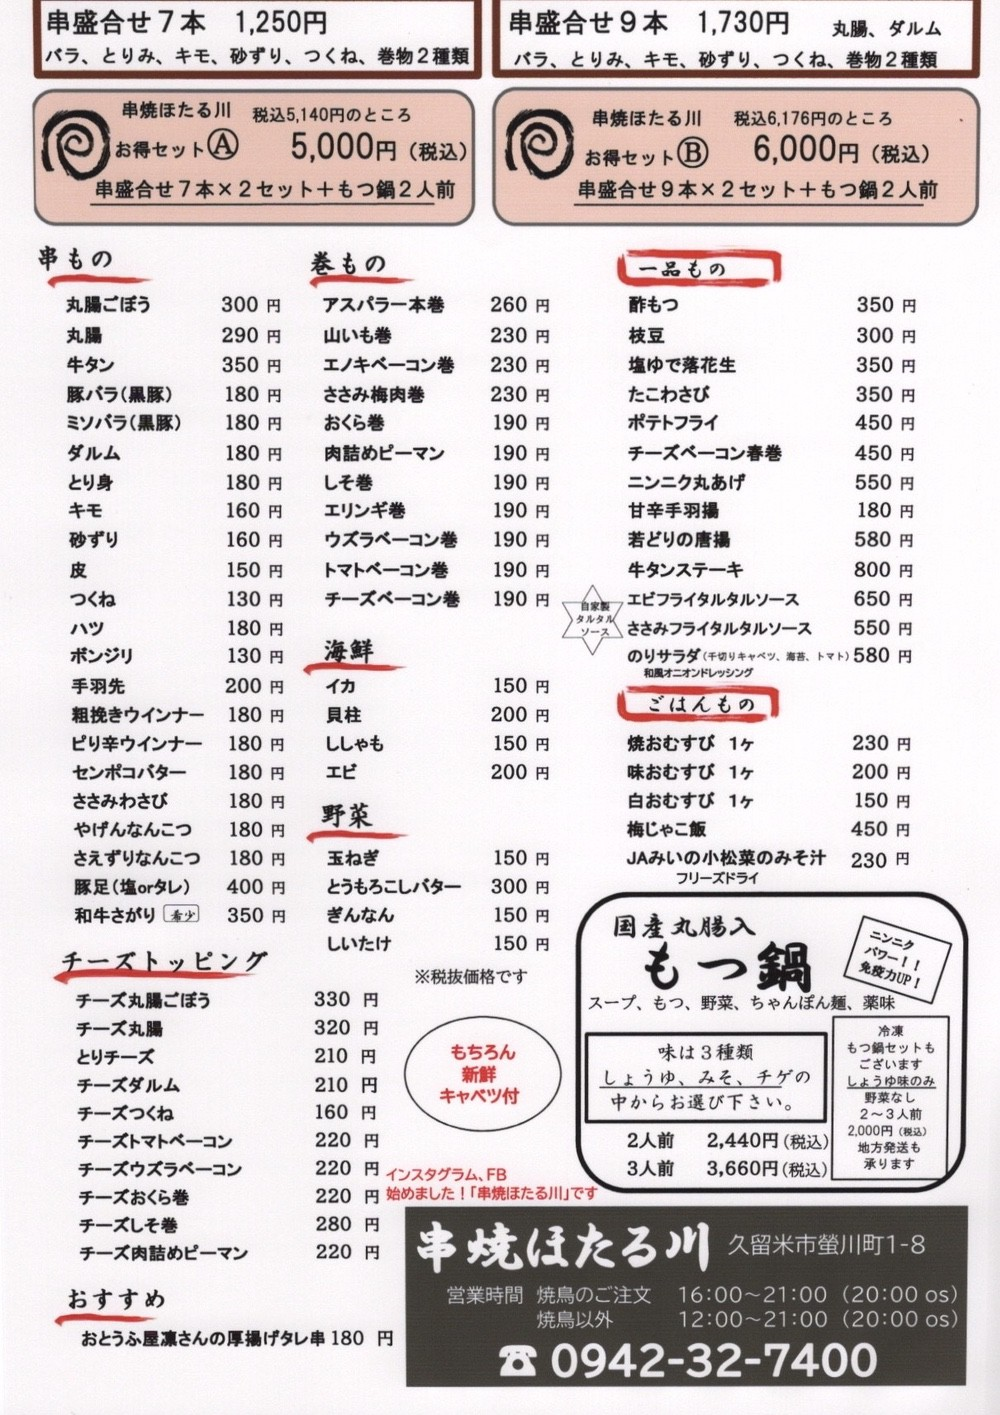 串焼ほたる川 テイクアウトメニュー表